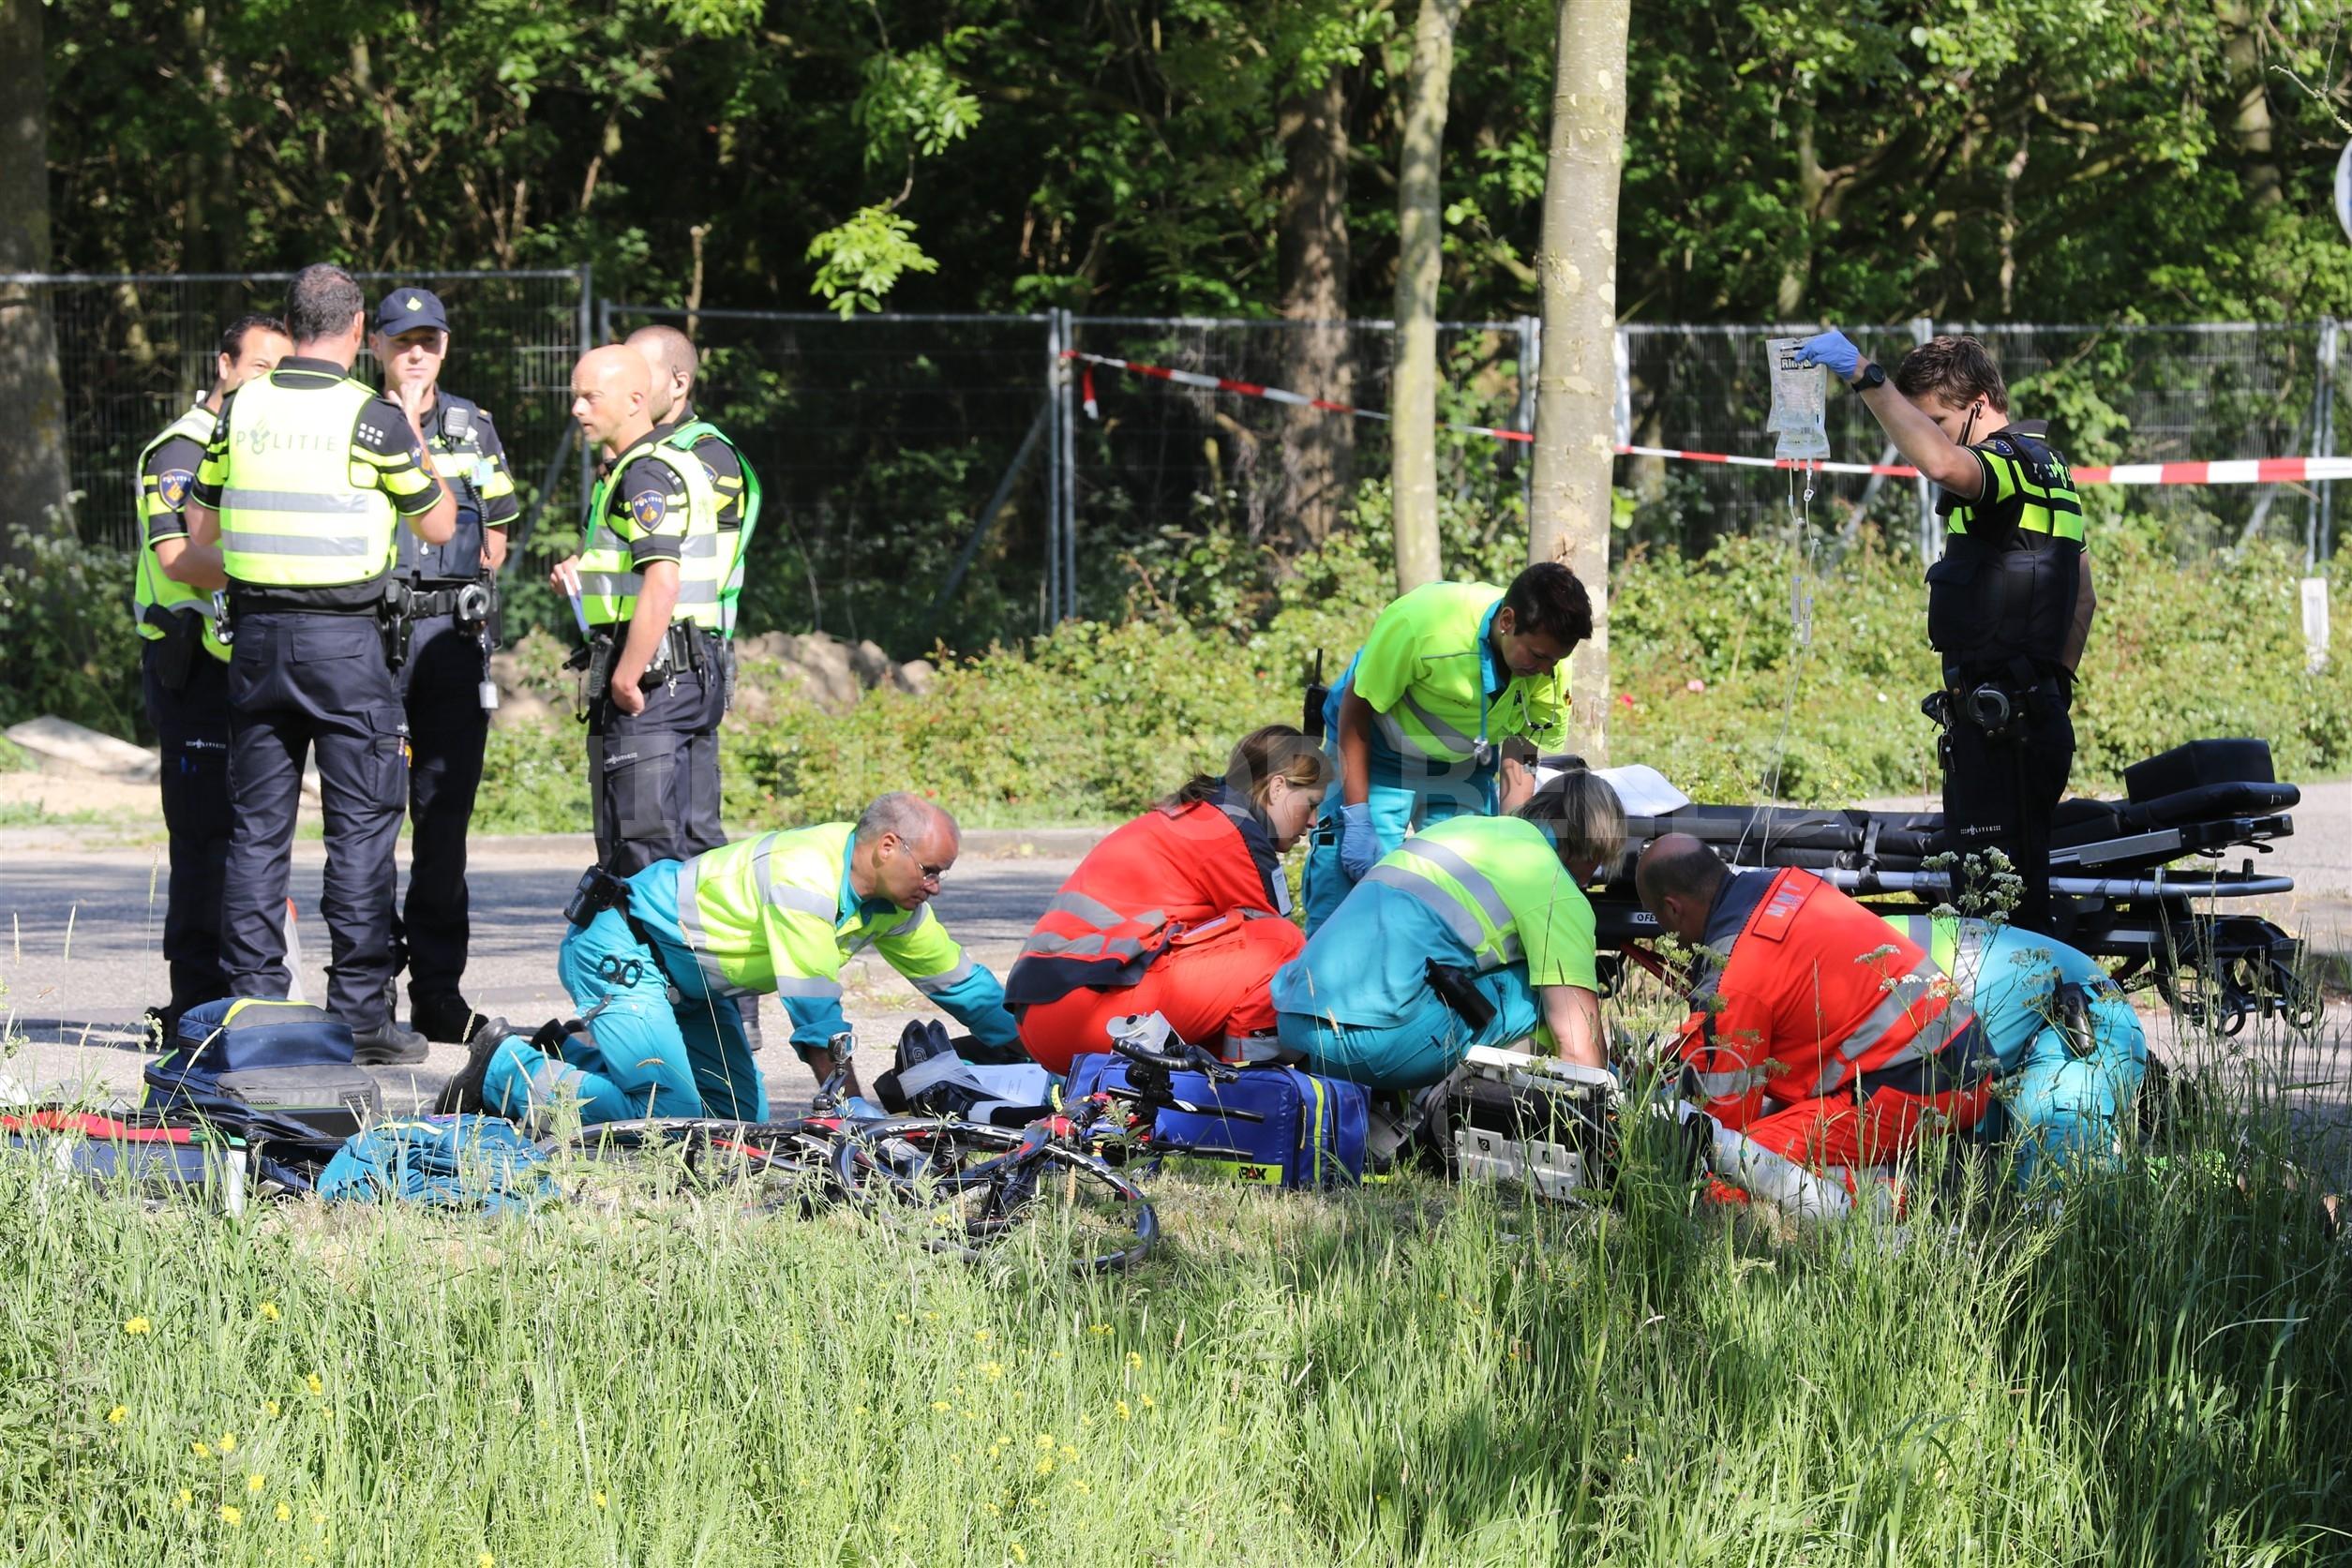 Racefietser met spoedtransport naar ziekenhuis na aanrijding met vrachtwagen Rijndijk Hazerswoude-Rijndijk